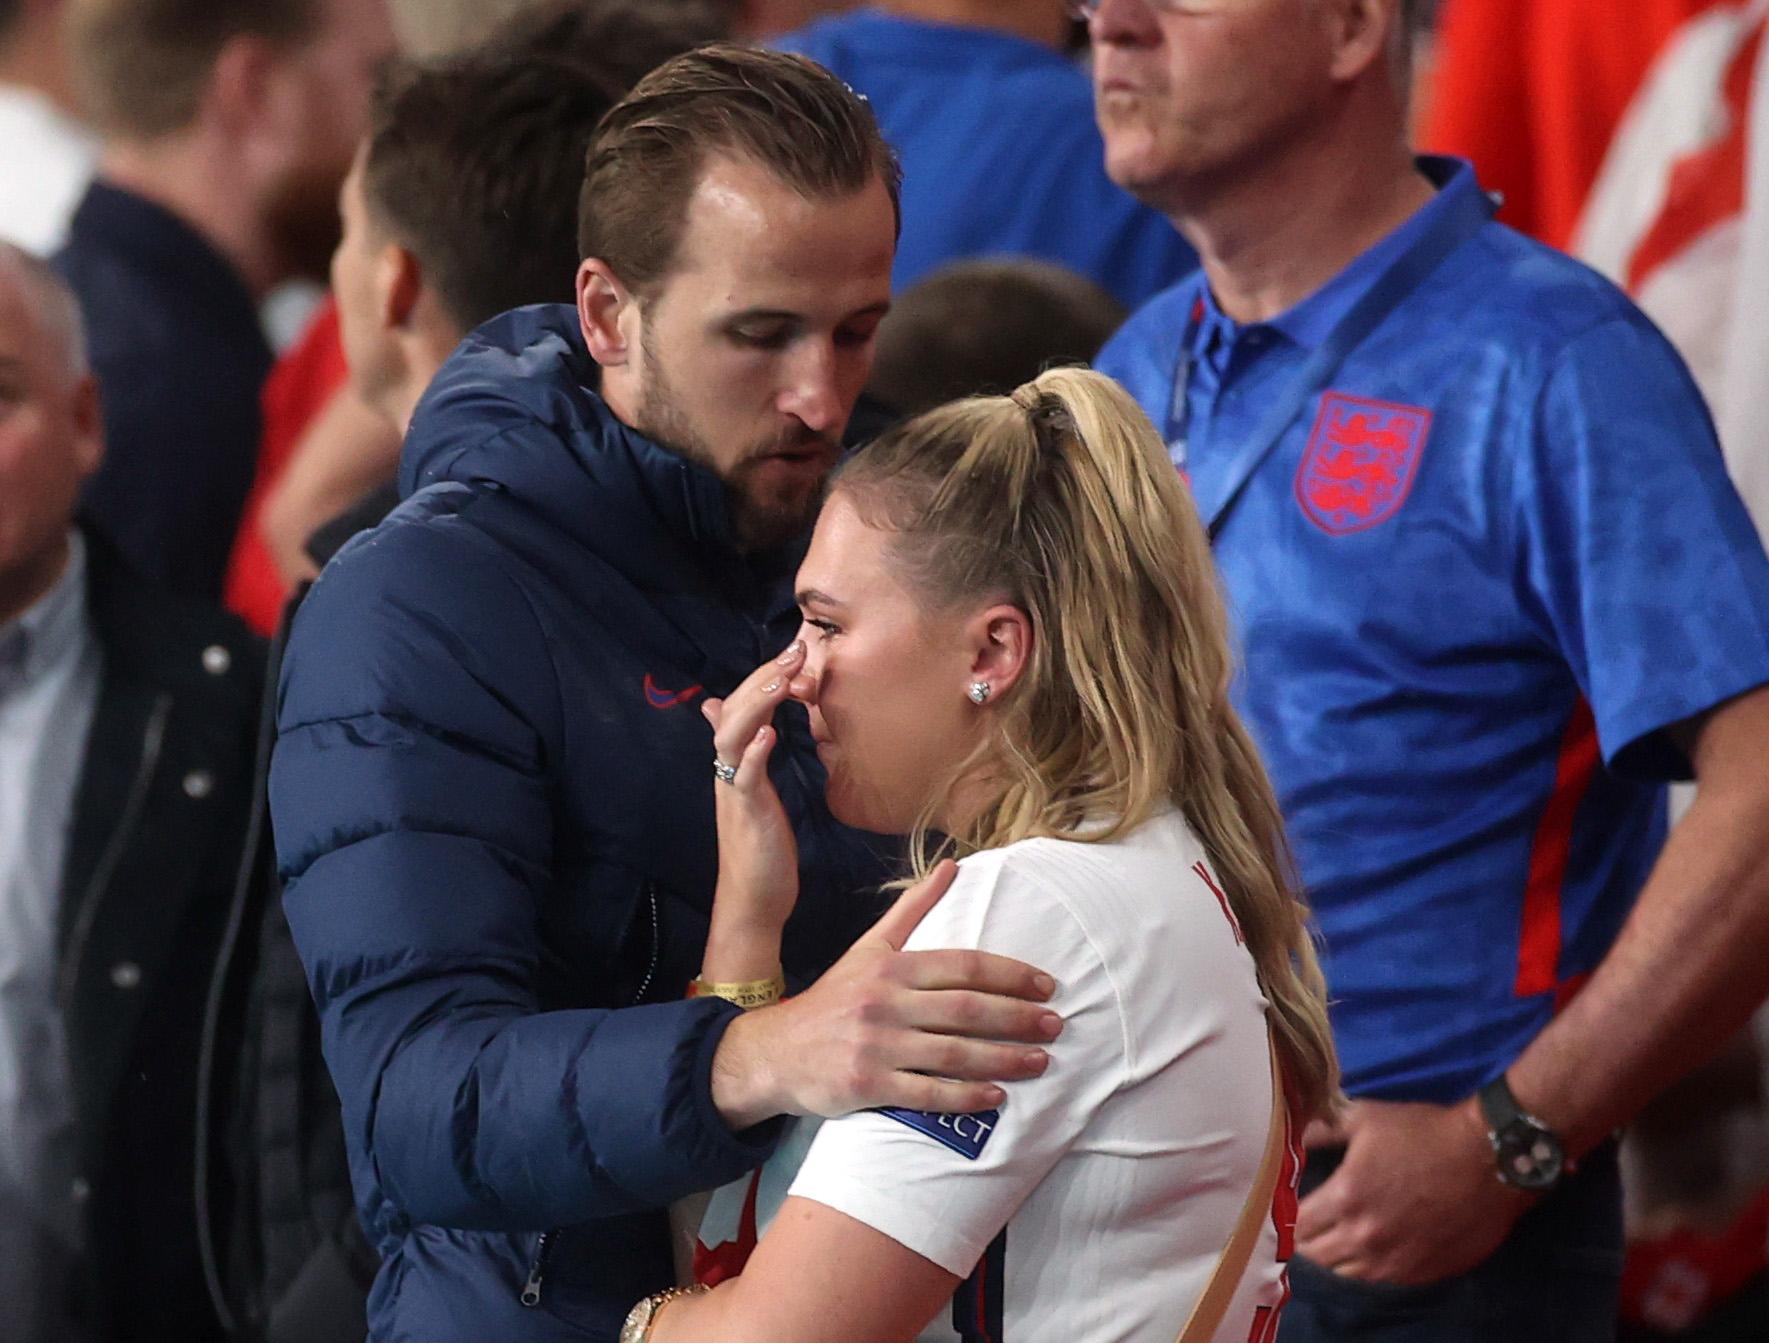 हैरी कैन की पत्नी कैटी गुडलैंड हार के बाद आंसू नहीं रोक सकीं।